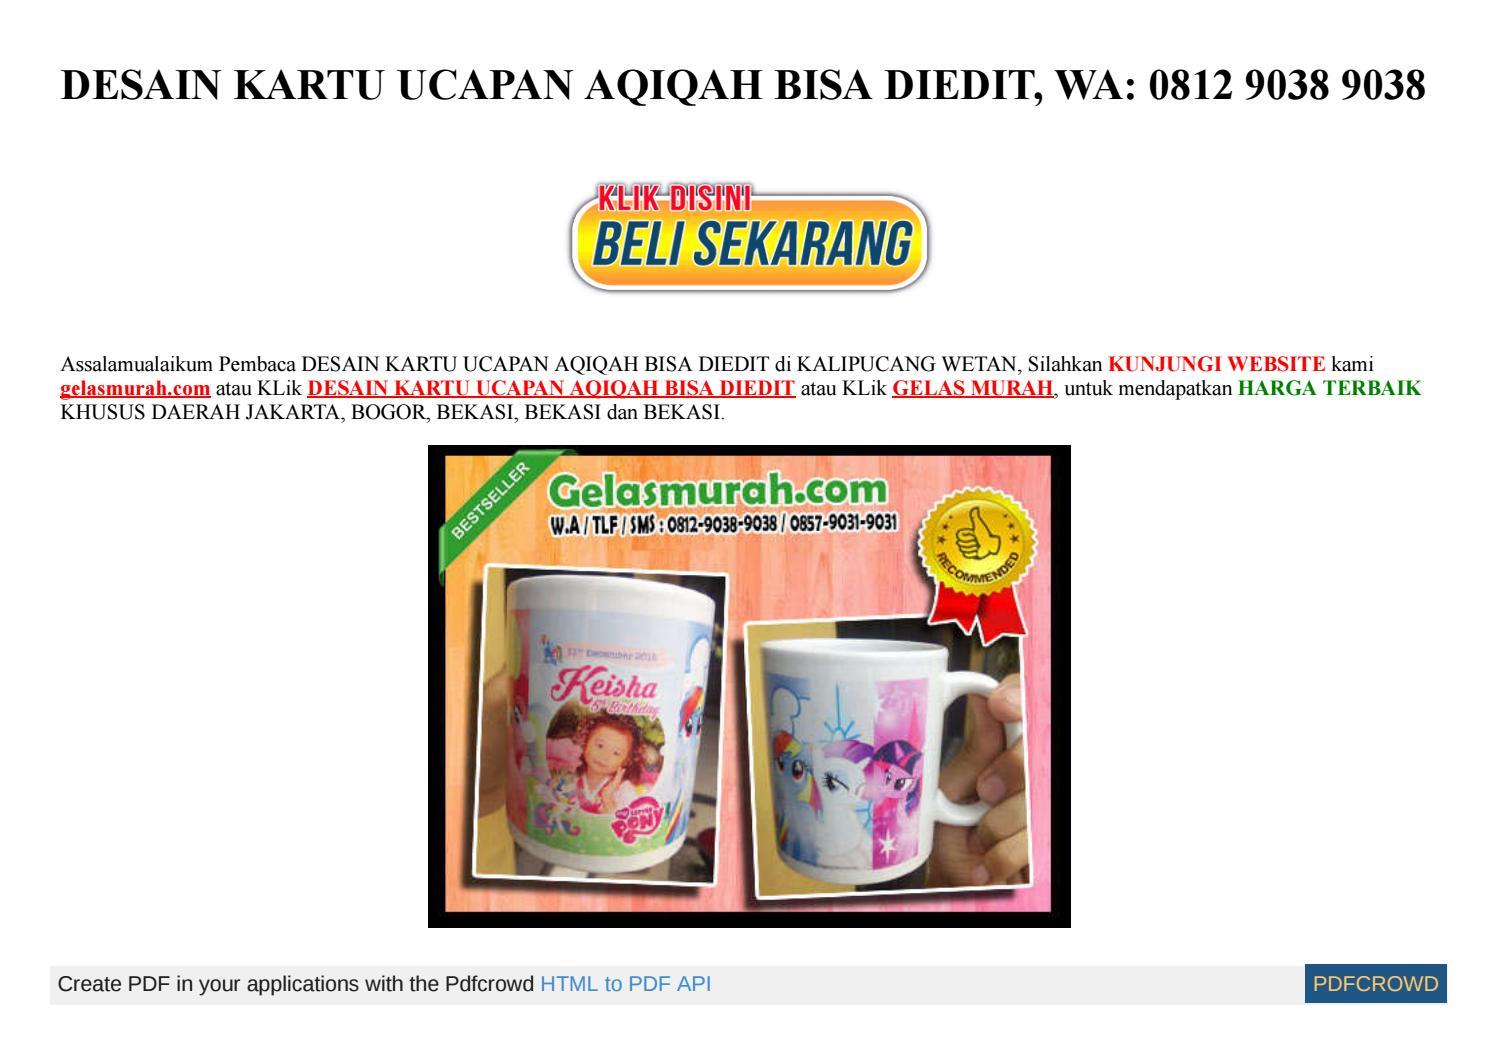 Desain Kartu Aqiqah Online - kartu ucapan souvenir